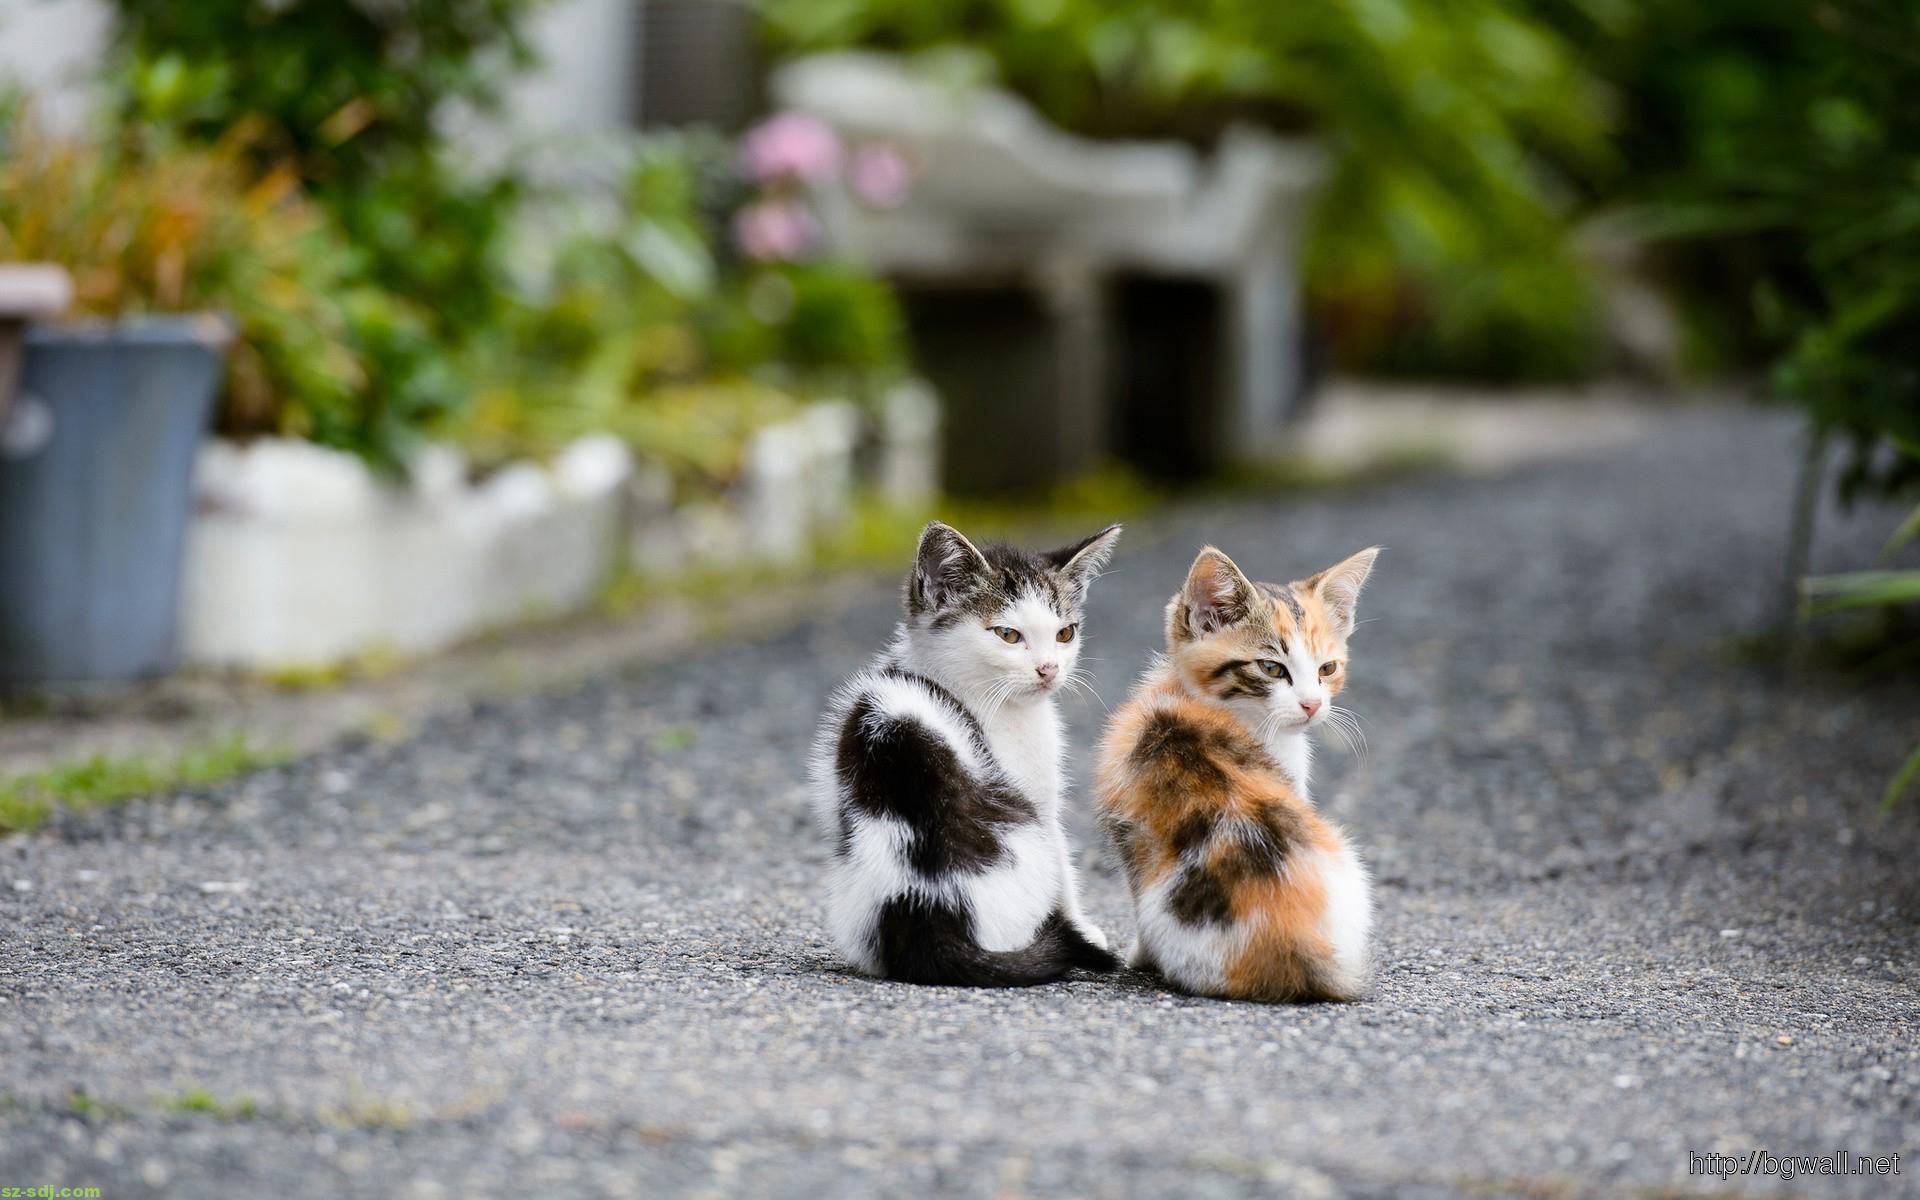 cute-couple-kitten-cat-wallpaper-widescreen-hd